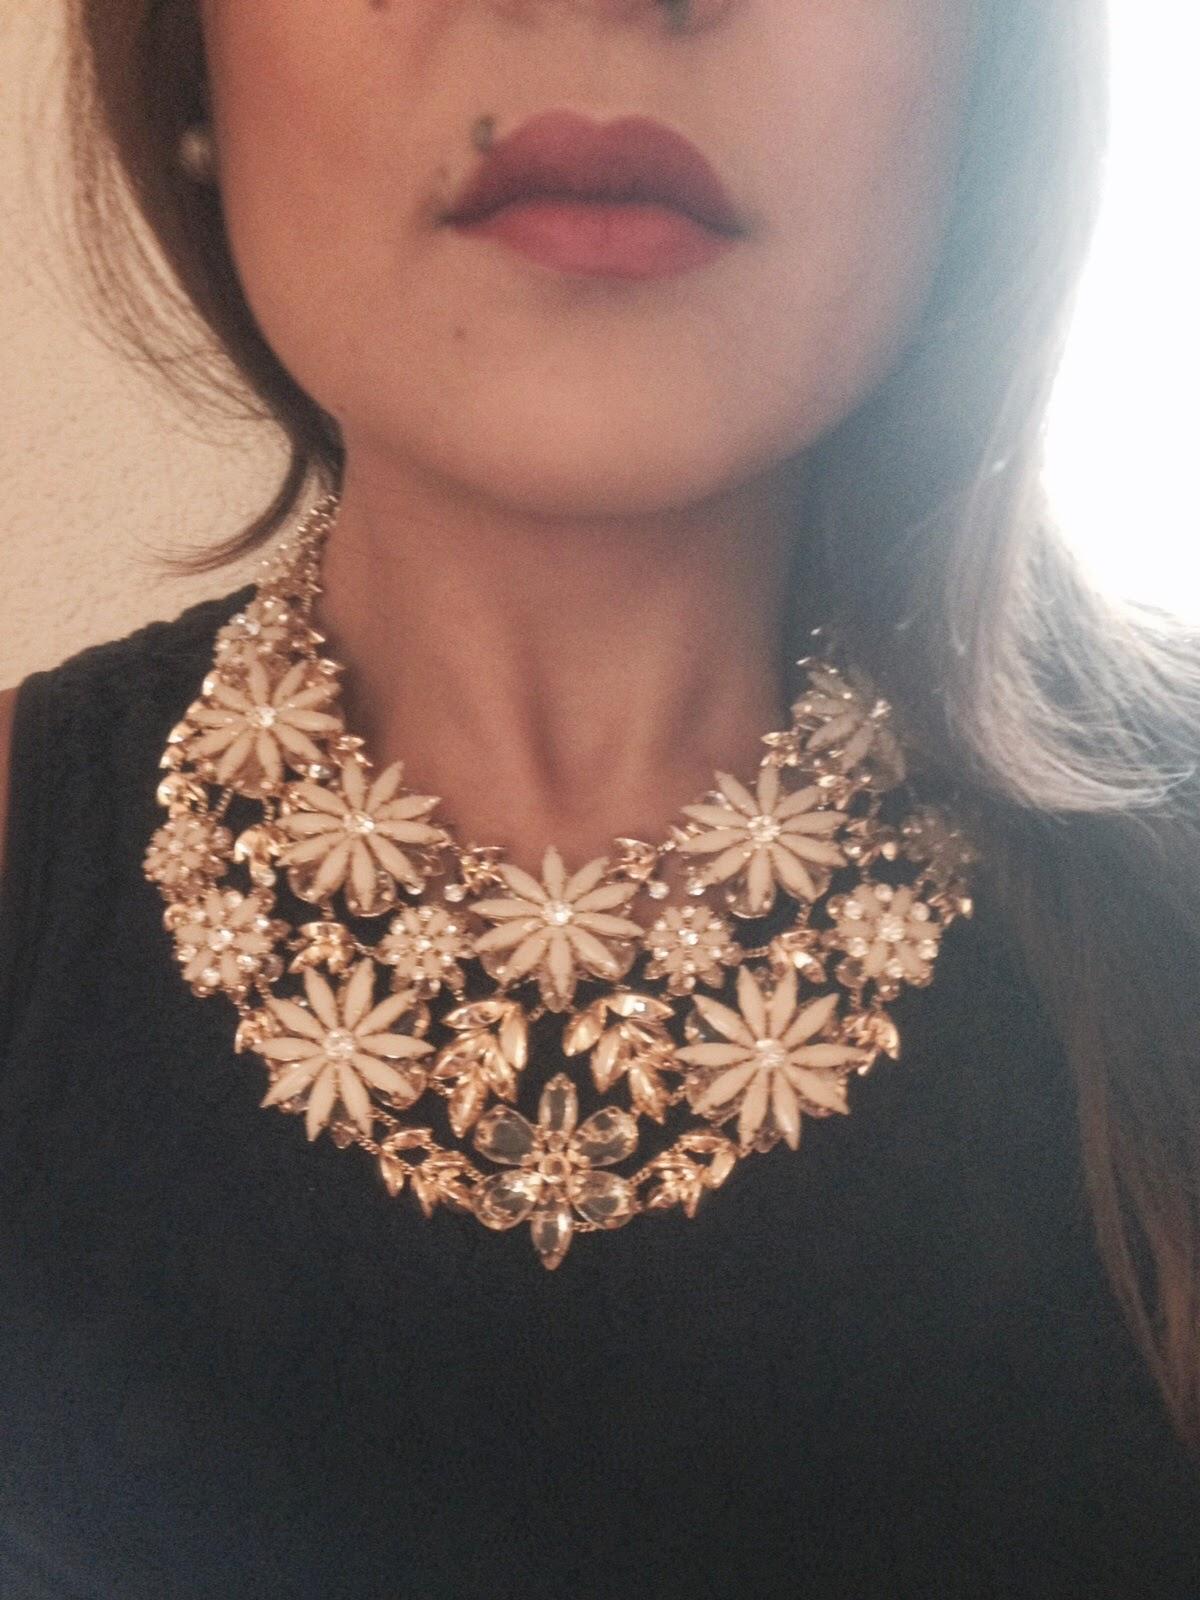 Collier BCBG bijoux accessoires blog mode metz luxembourg accessories jewelry flower